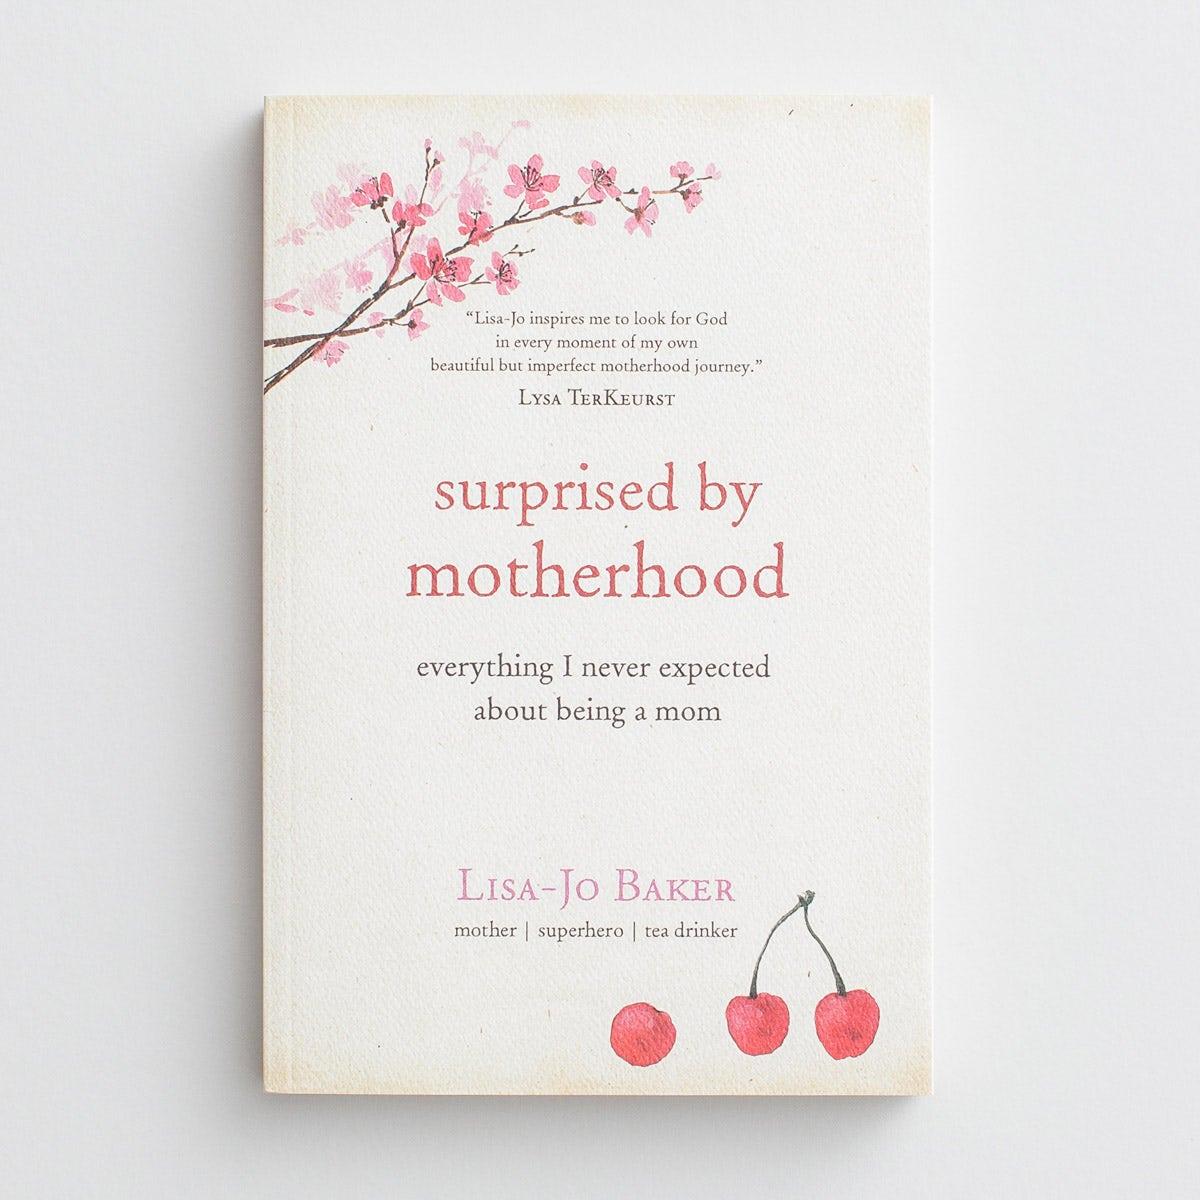 Lisa-Jo Baker - Surprised by Motherhood